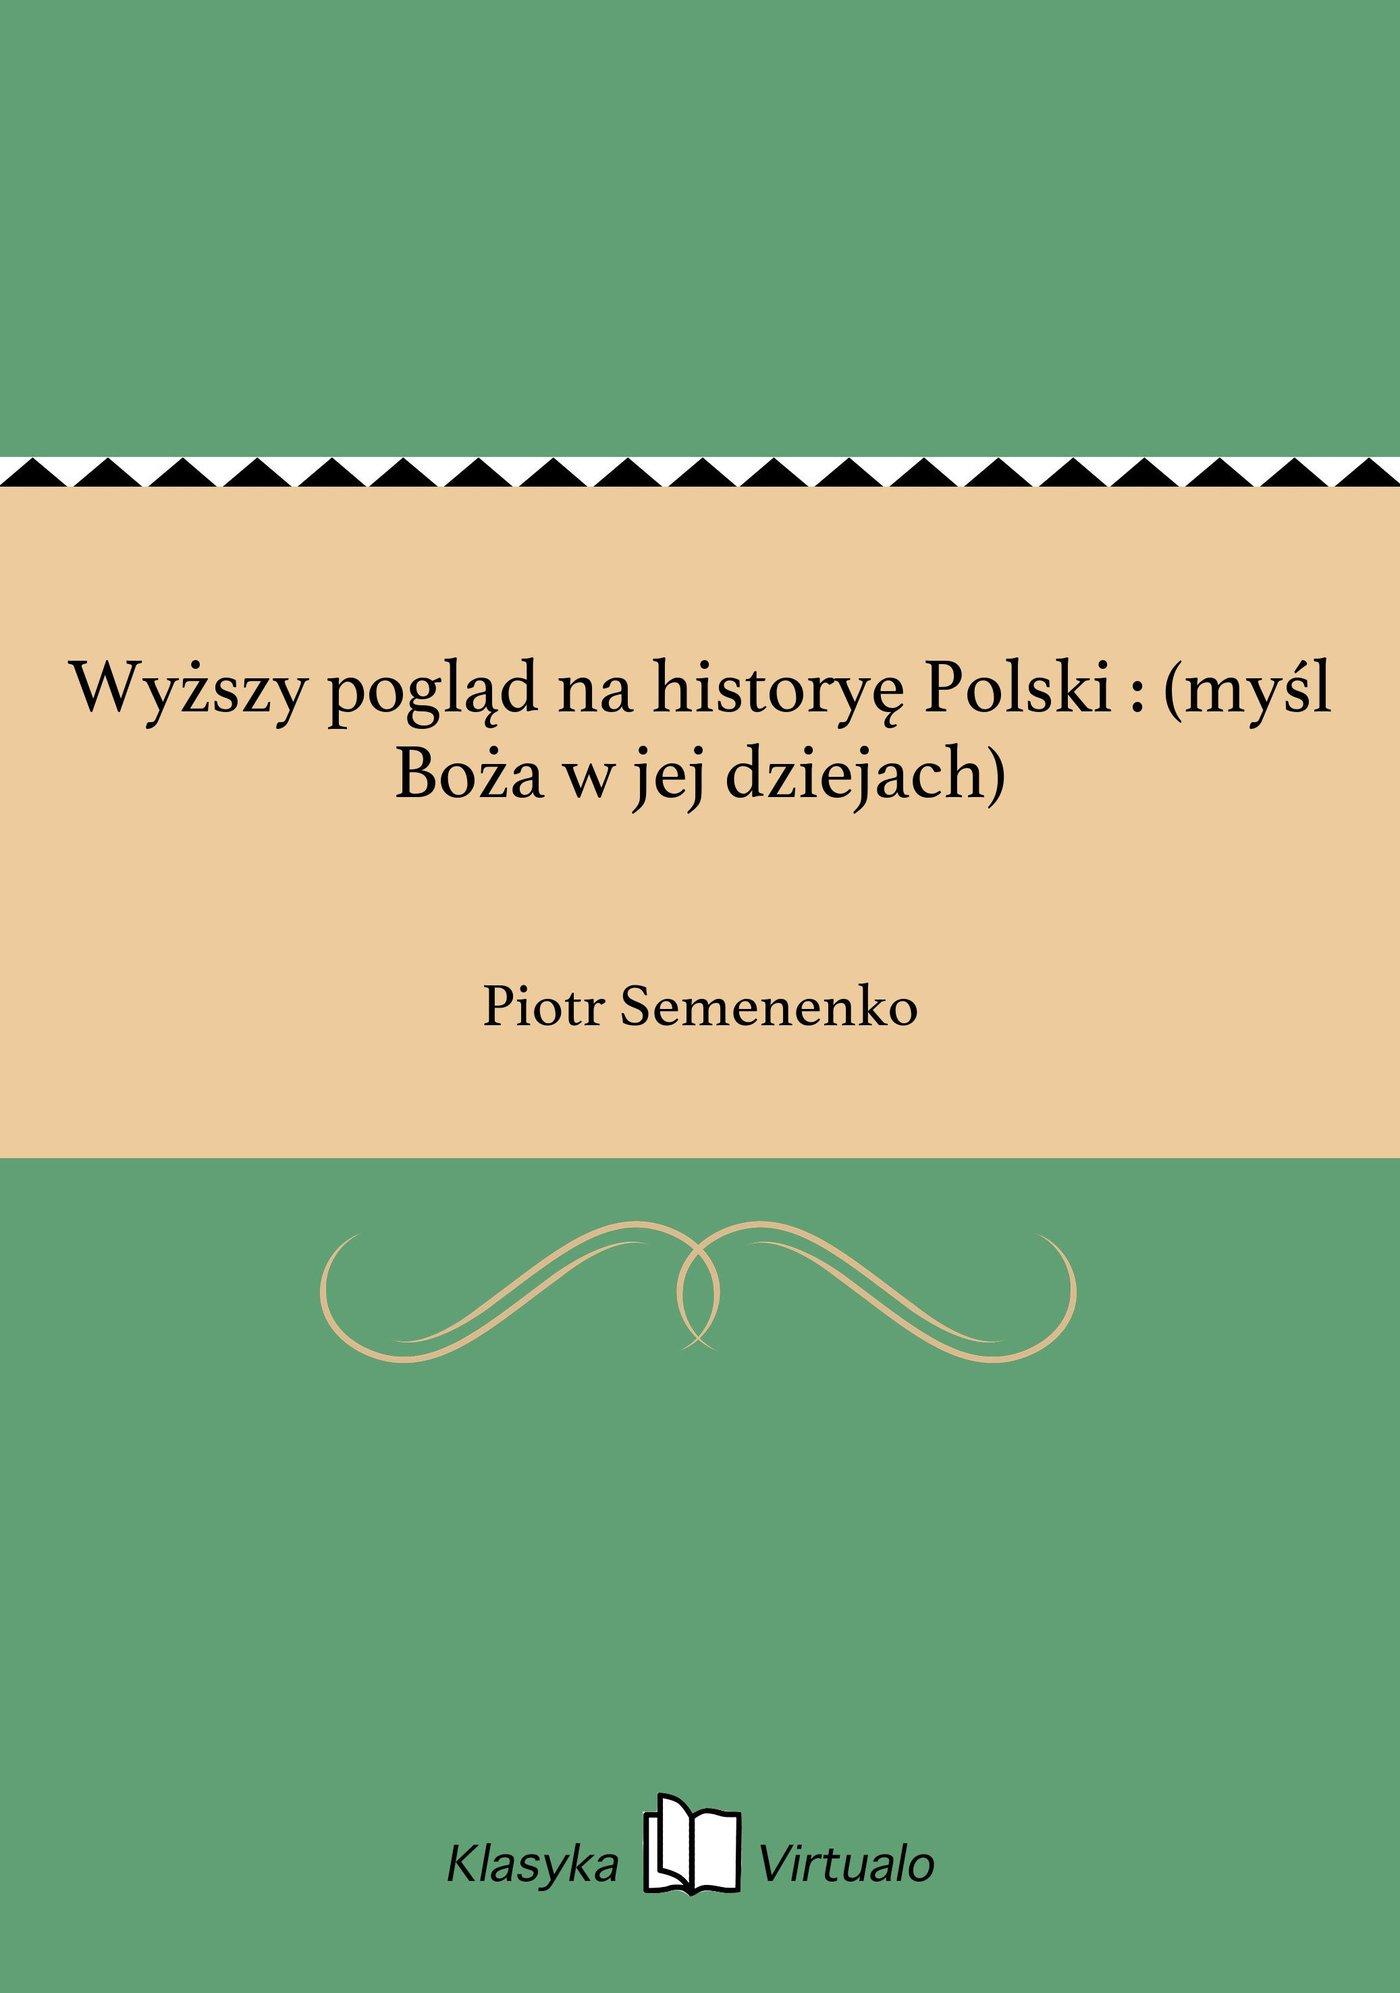 Wyższy pogląd na historyę Polski: (myśl Boża w jej dziejach) - Ebook (Książka na Kindle) do pobrania w formacie MOBI